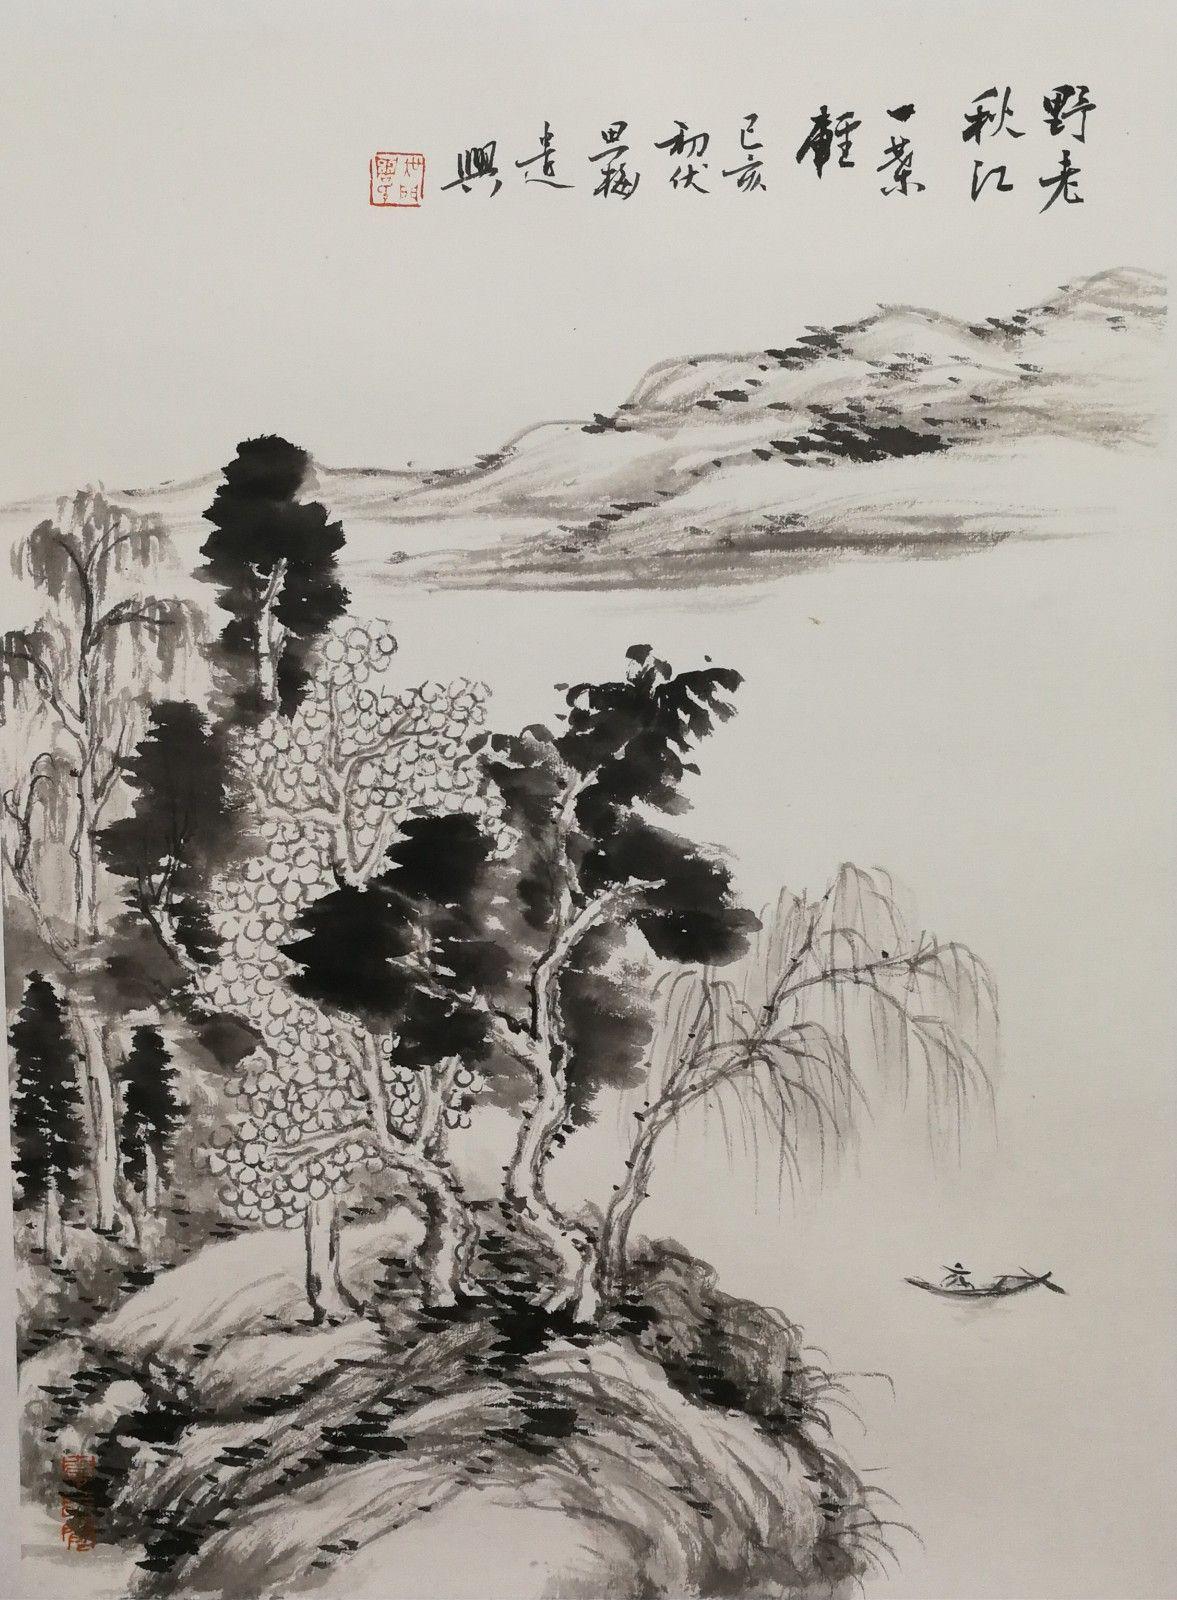 周思梅-野老秋江一叶轻 2019年